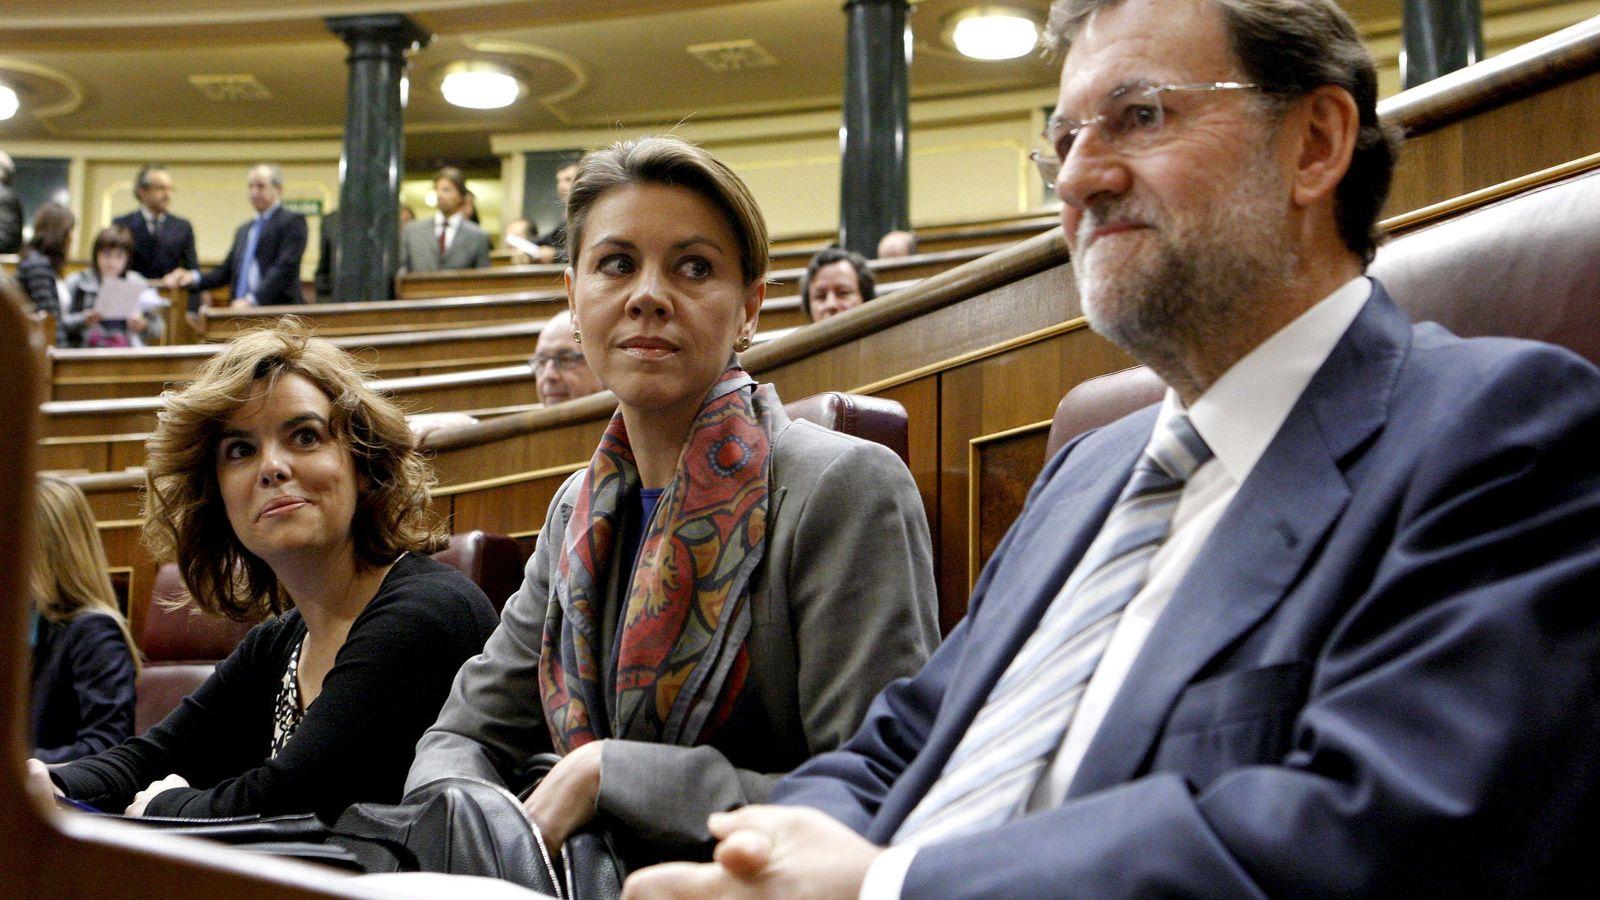 Foto: Soraya Sáenz de Santamaría, María Dolores de Cospedal y Mariano Rajoy en el Congreso de los diputados (EFE)